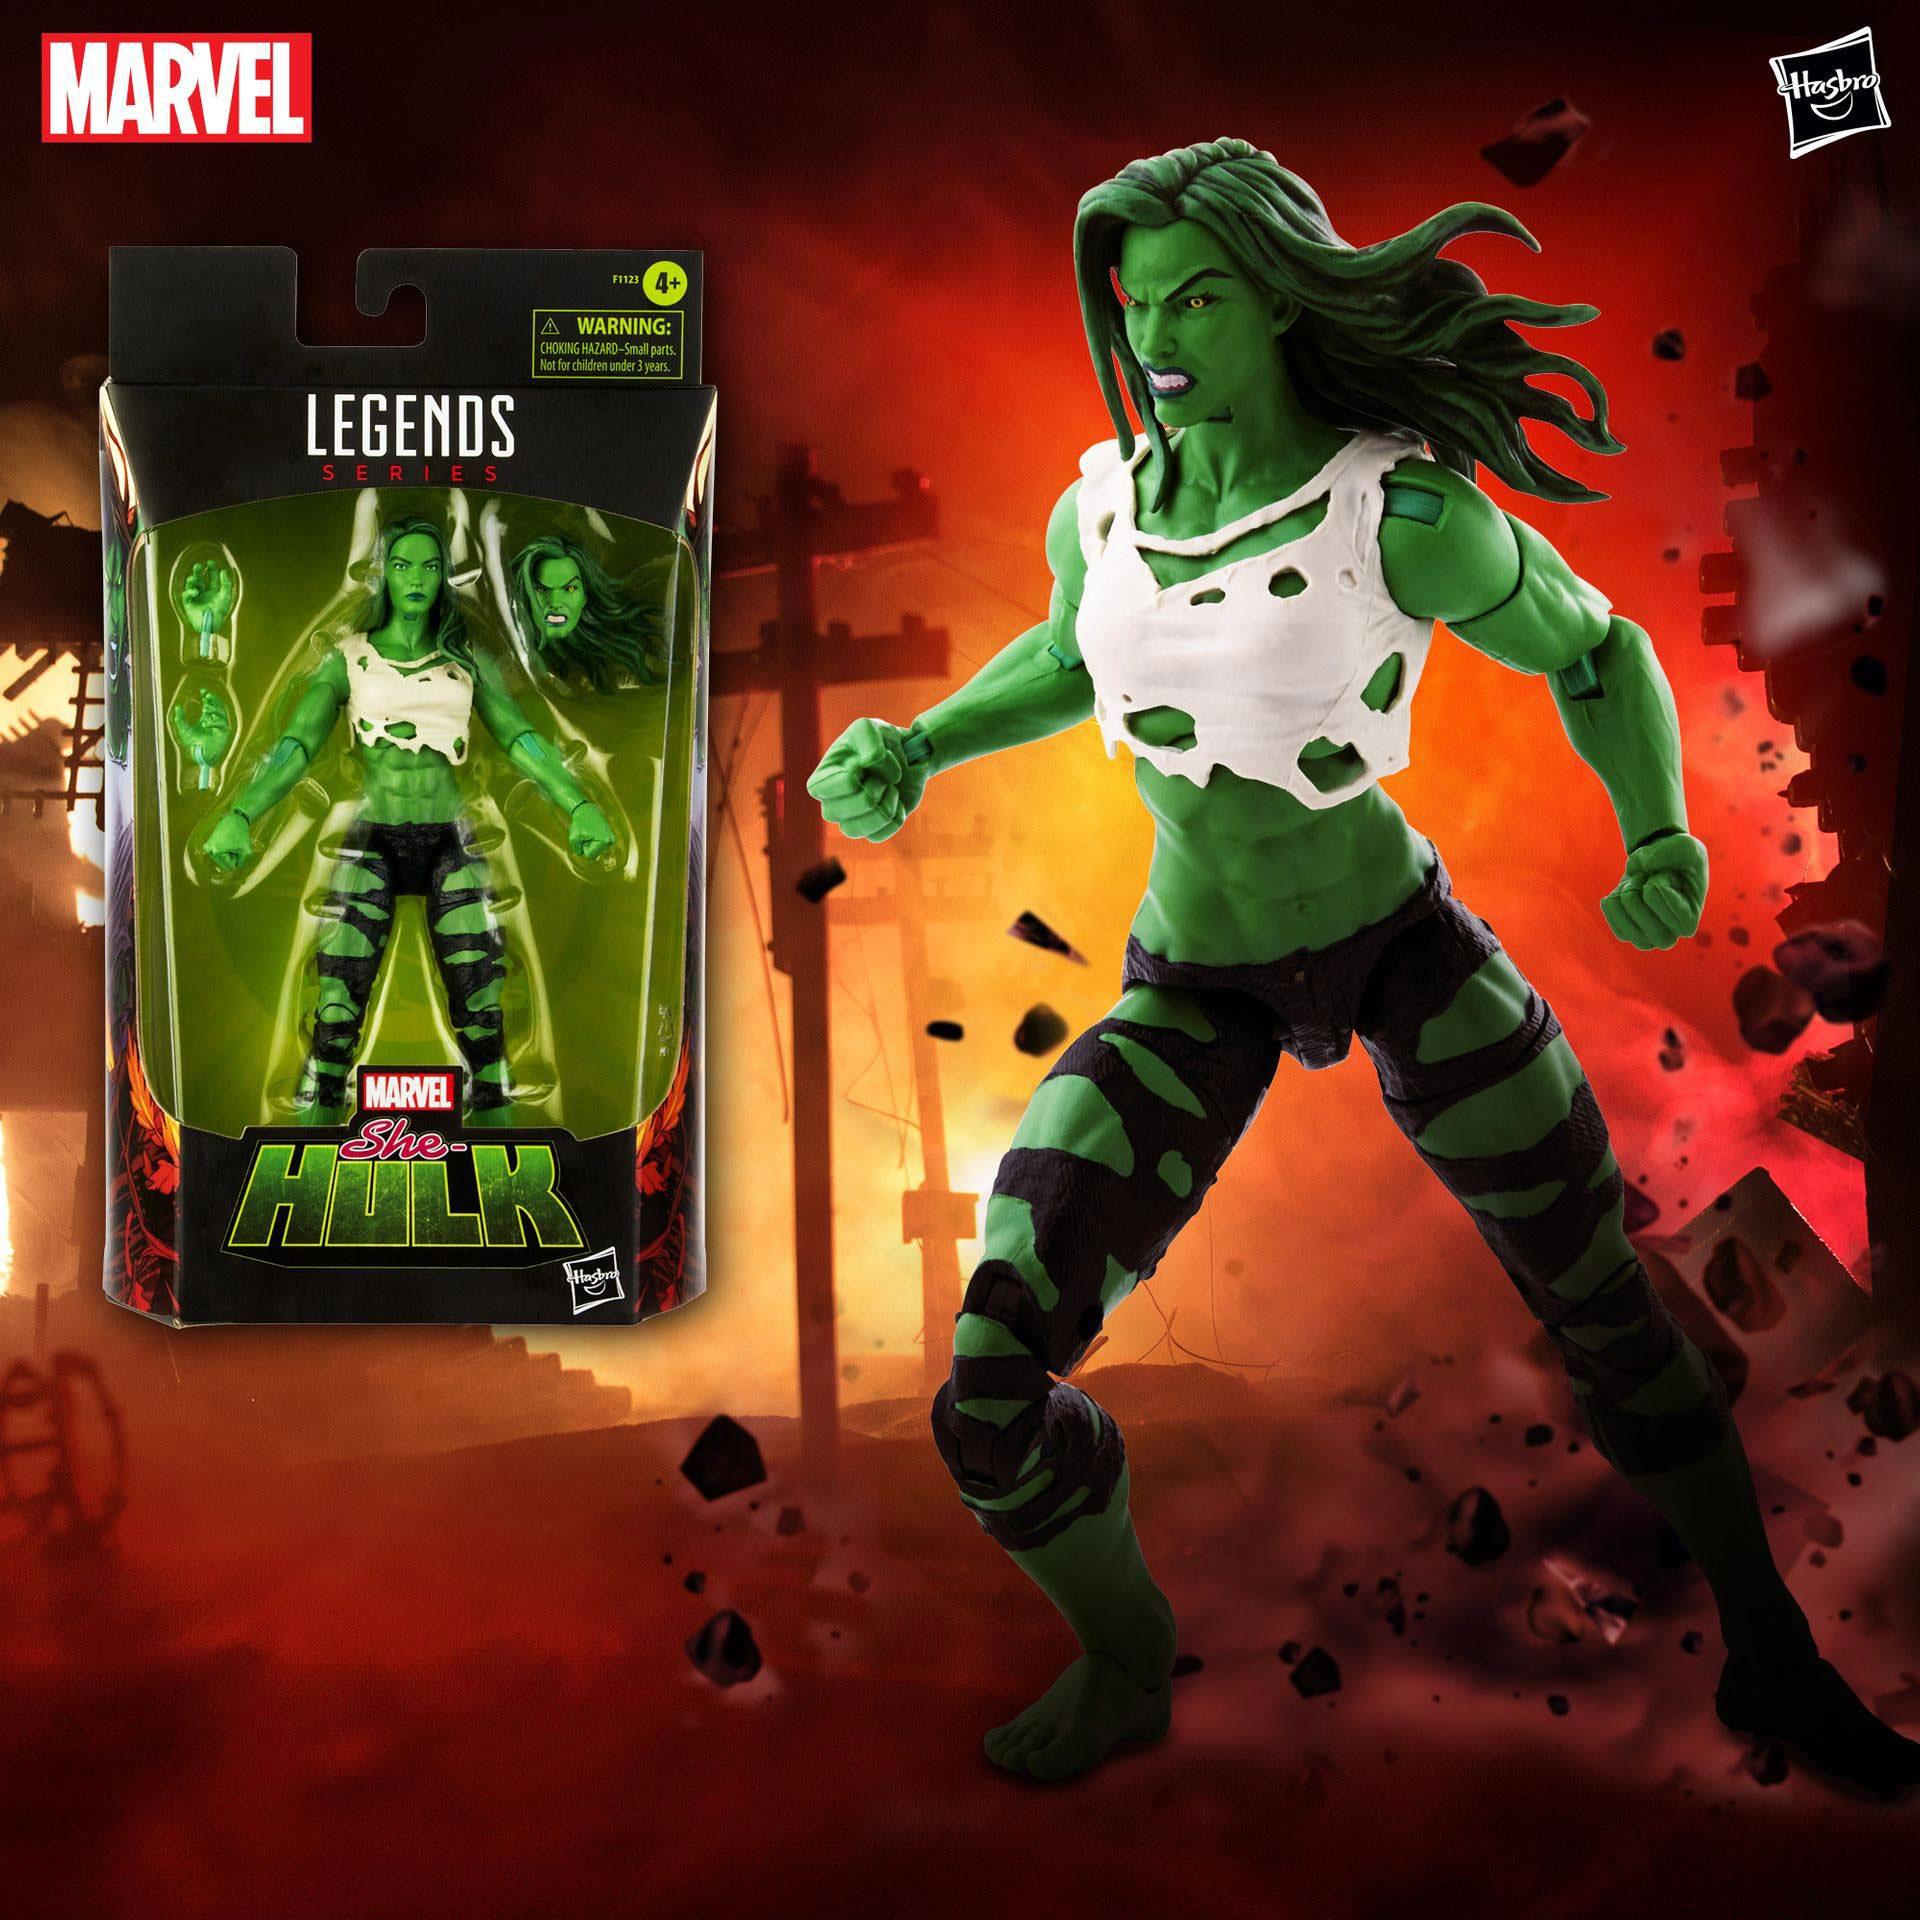 marvel-legends-she-hulk-action-figure-preorder